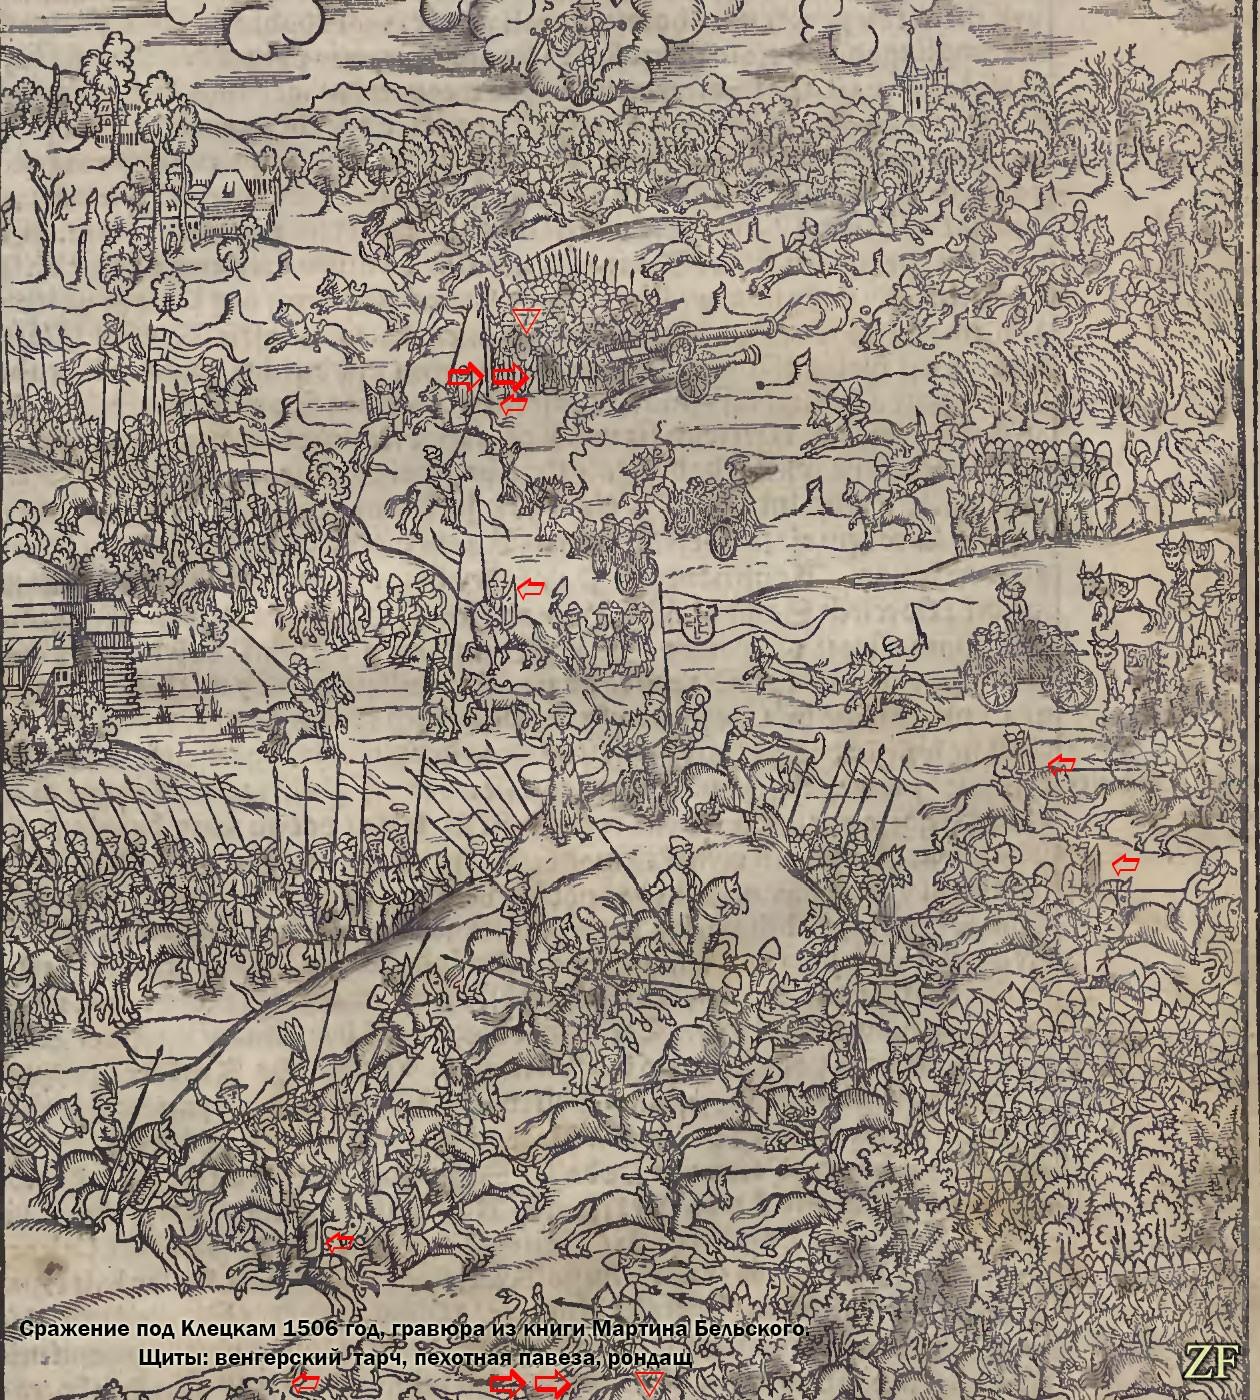 Битва под Клецкам, 1506 год, изображение из работы Мартина Бельского, в редакции 1564 года, с указанием видов щитов